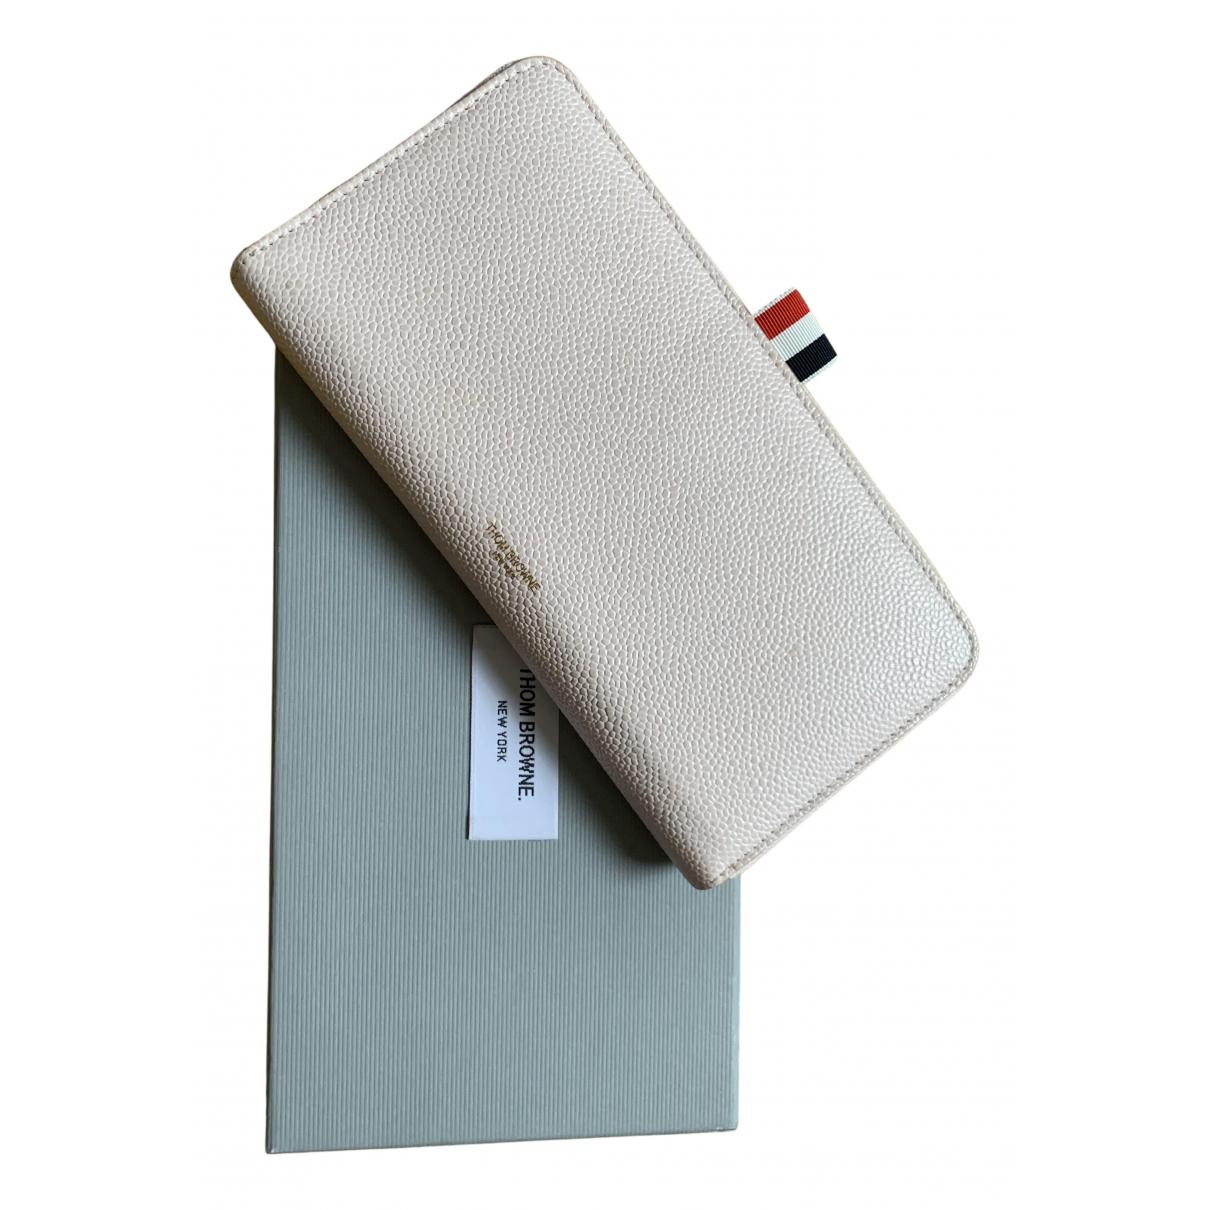 Thom Browne - Portefeuille   pour femme en cuir - beige